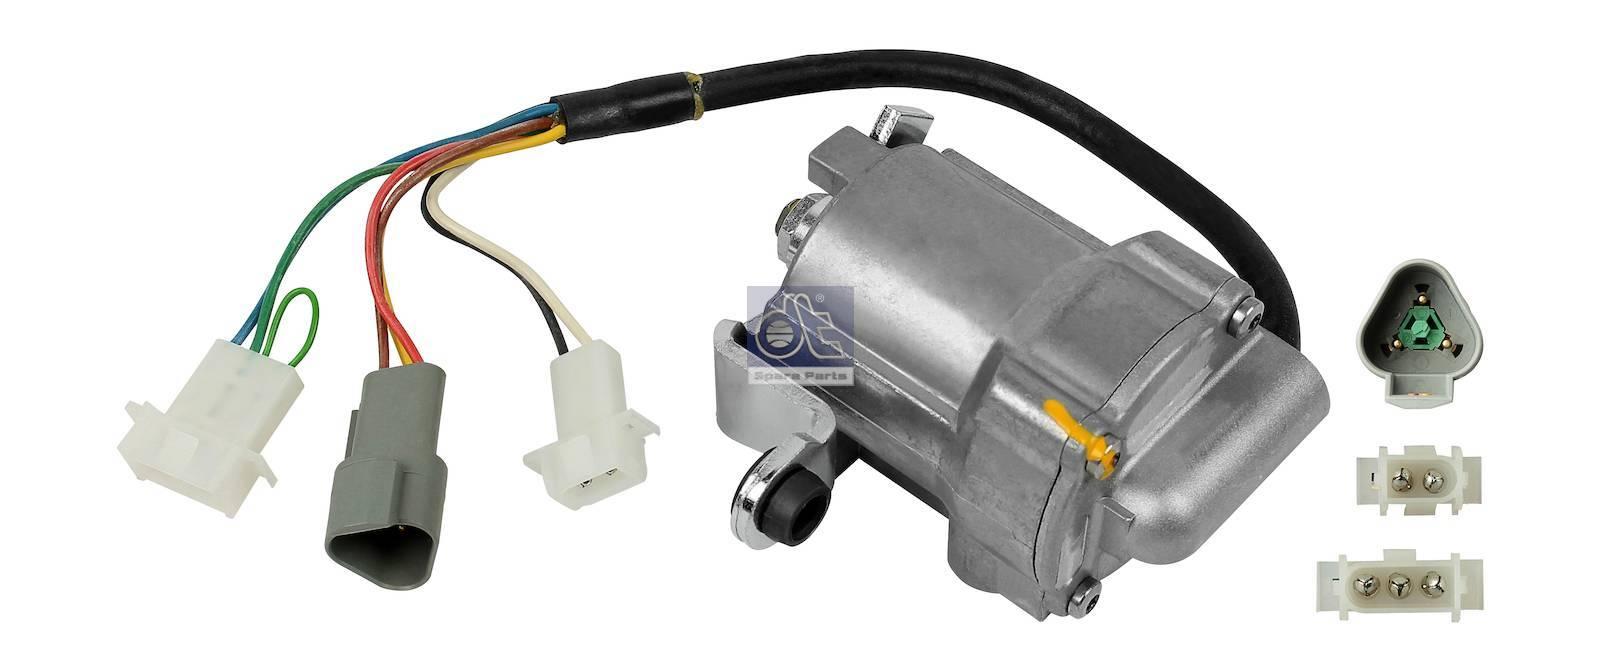 Sensor, accelerator pedal